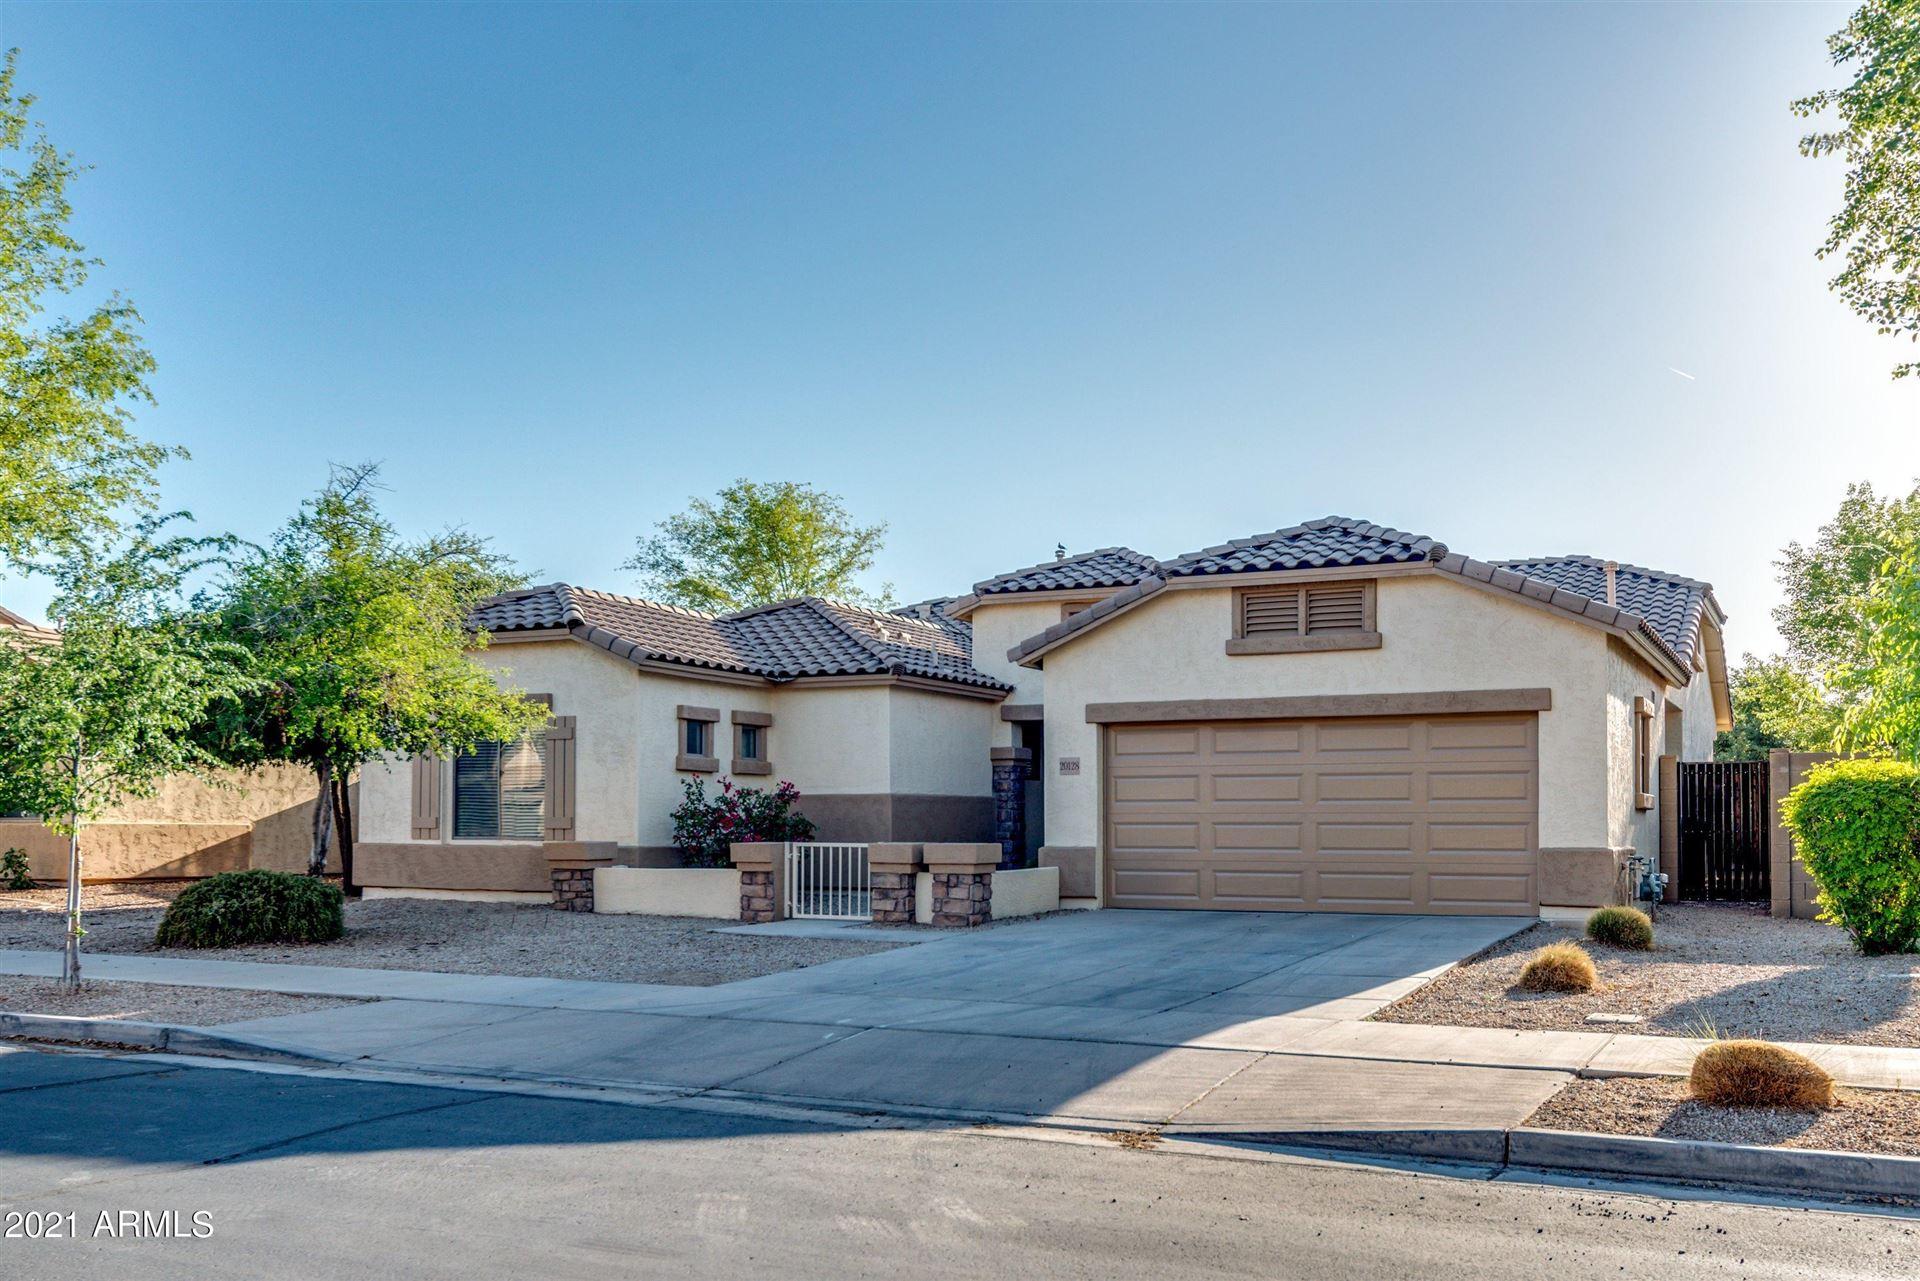 Photo of 20128 S 196TH Street, Queen Creek, AZ 85142 (MLS # 6232229)